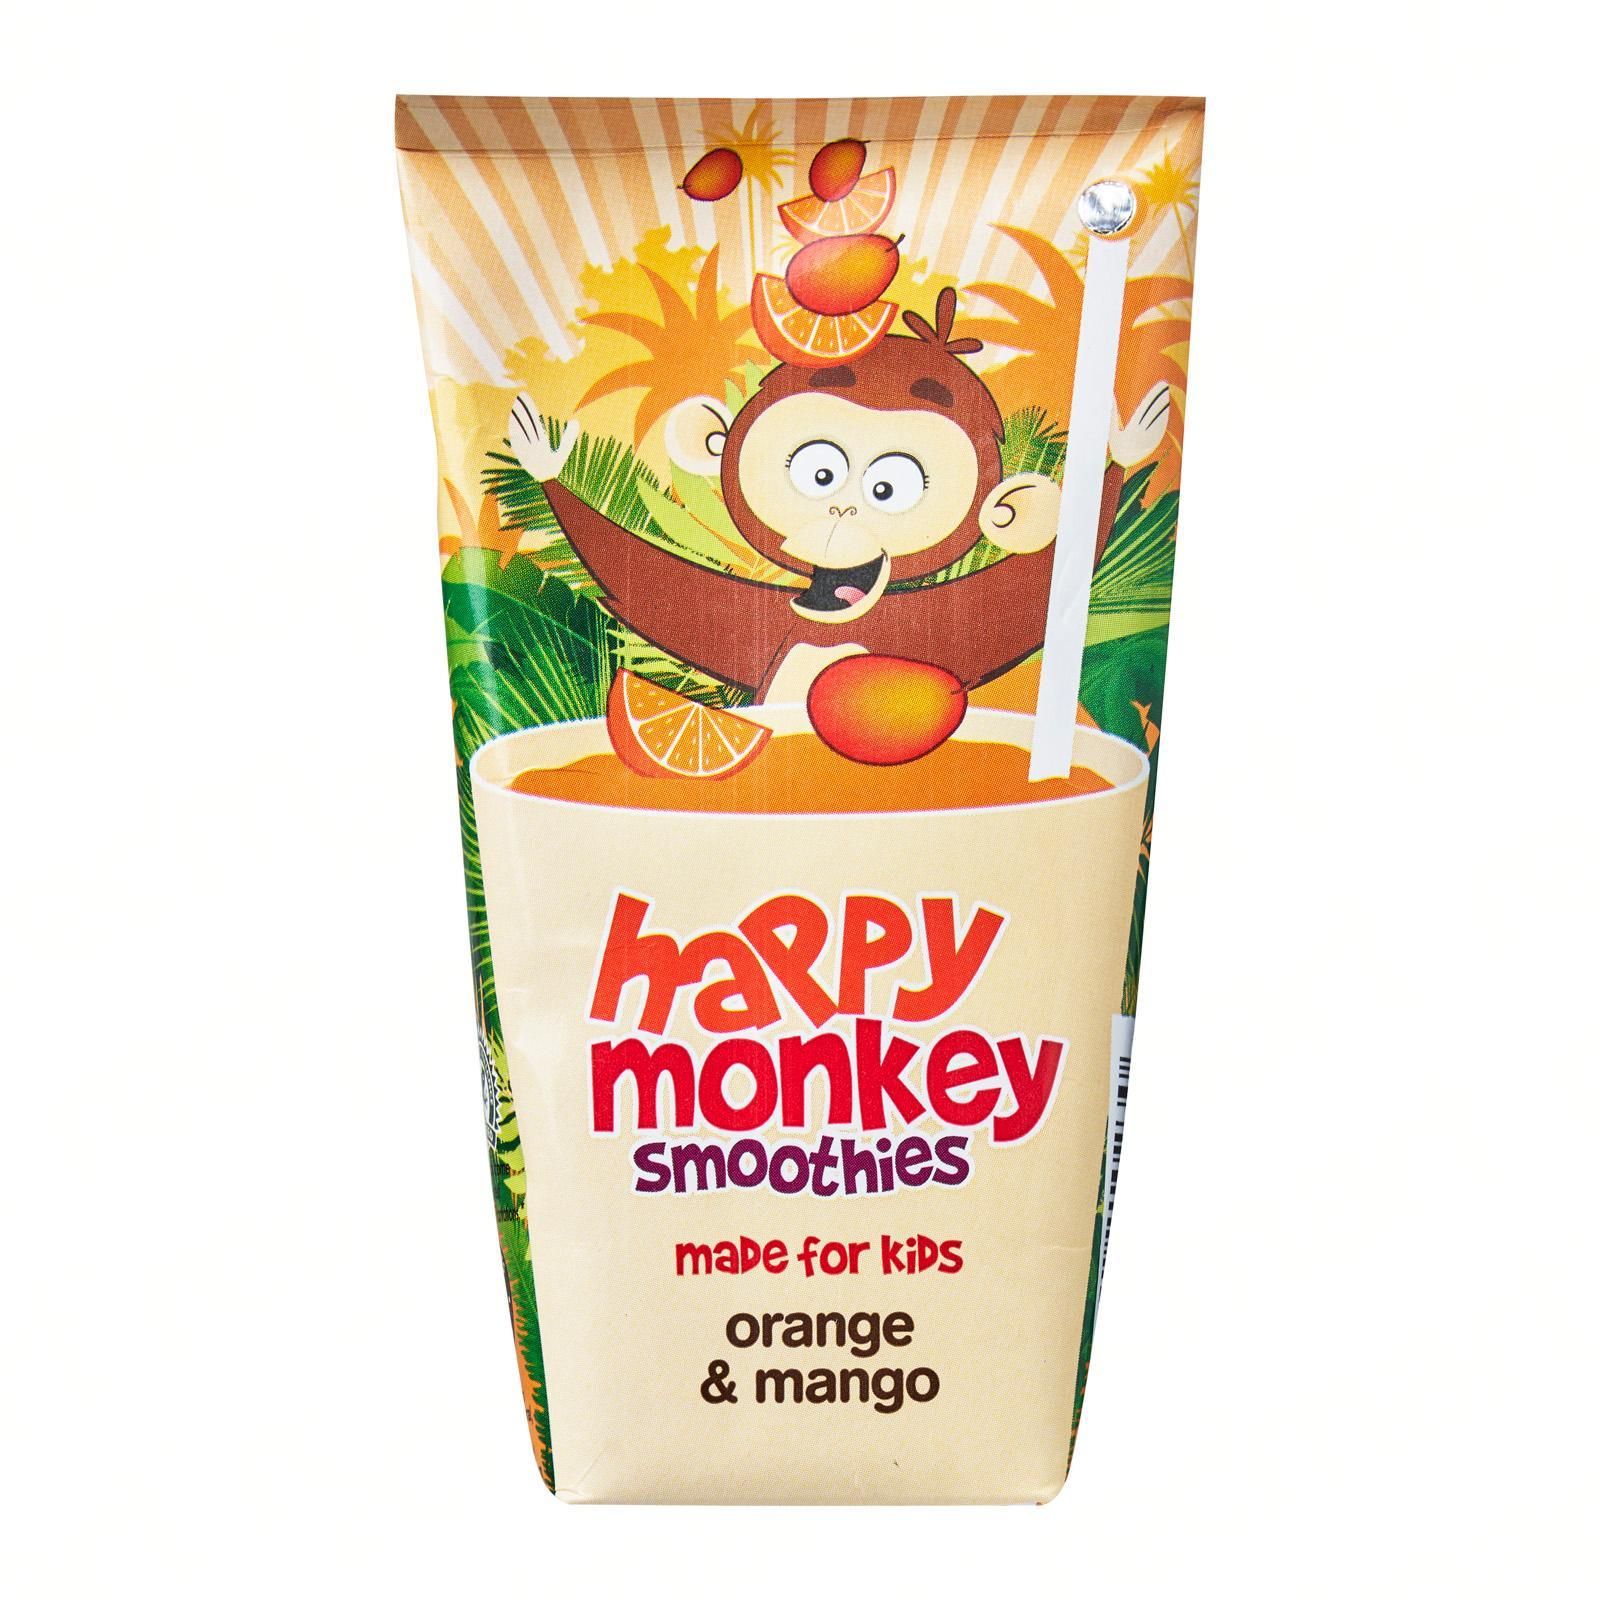 HAPPY MONKEY 100-Percent Fruit Smoothies - Made for Kids - Orange Mango